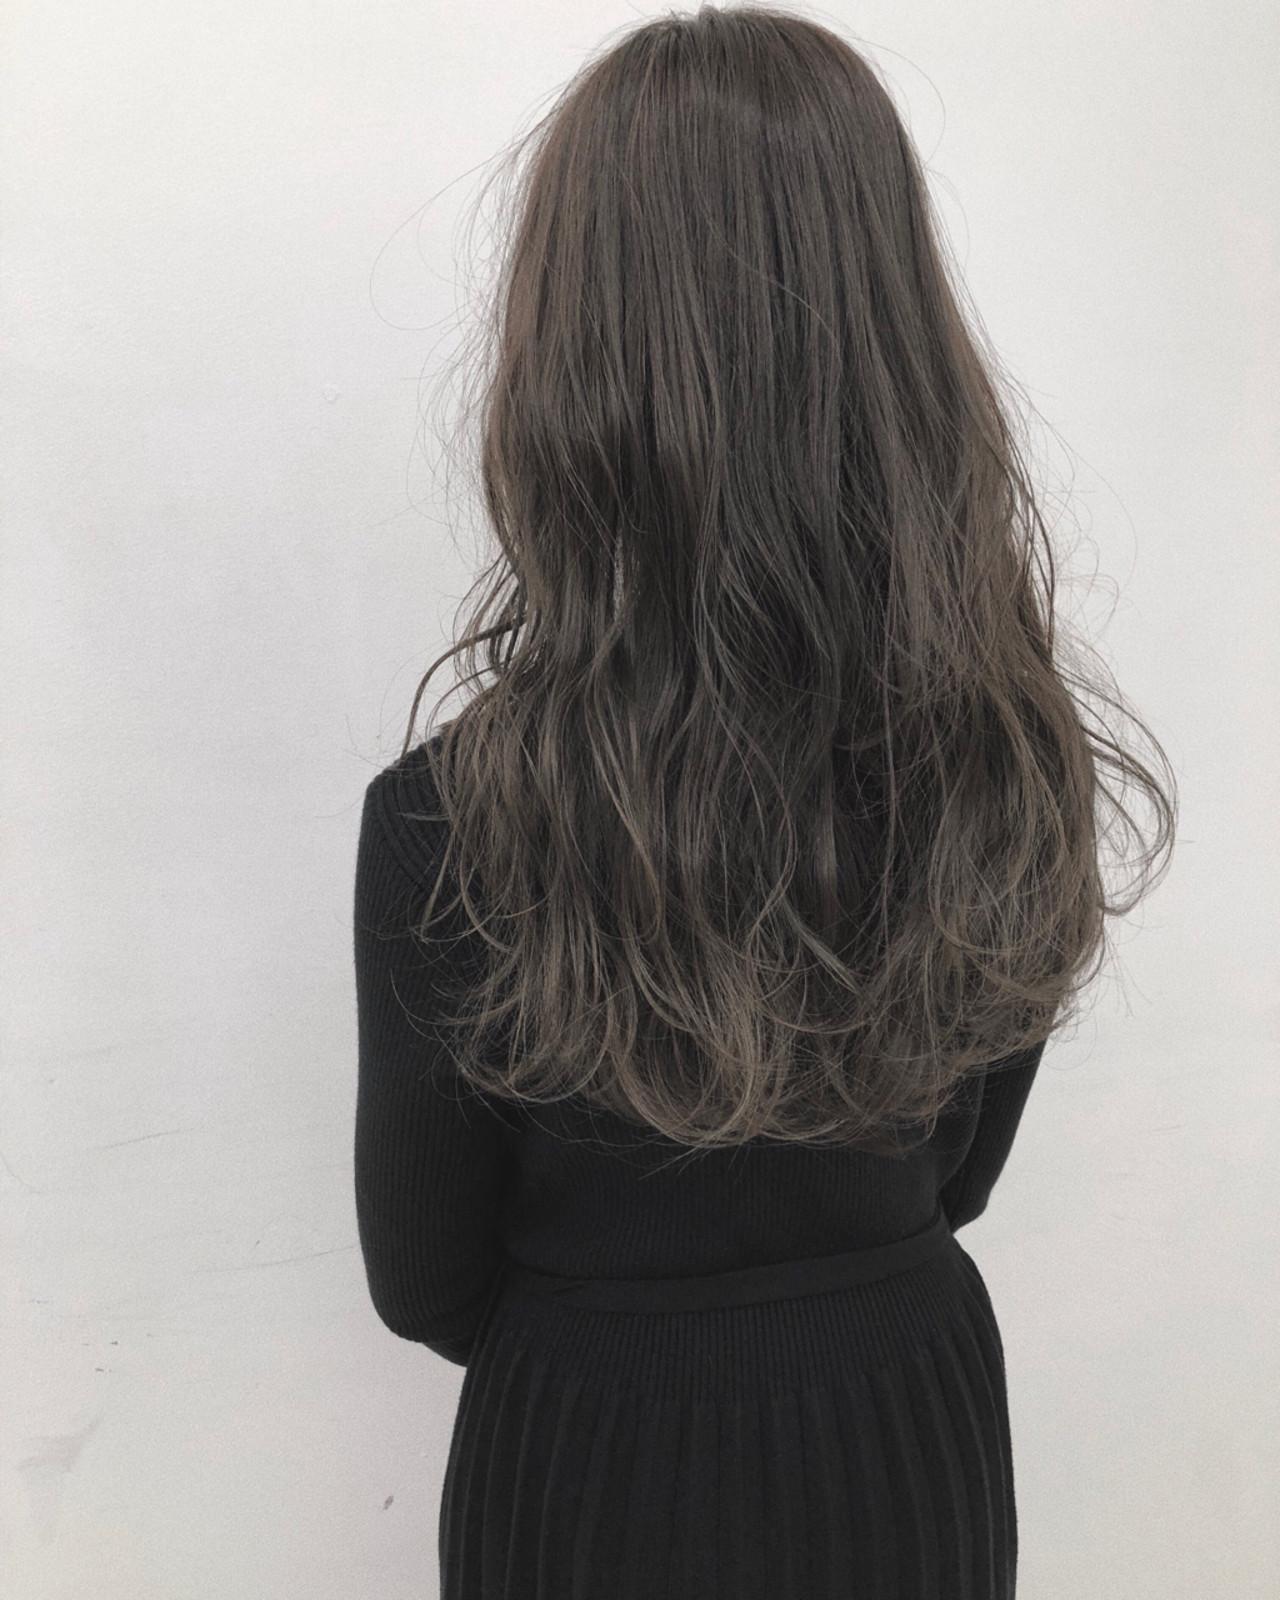 ロング ナチュラル ブルージュ ハイライト ヘアスタイルや髪型の写真・画像 | koki / LAND